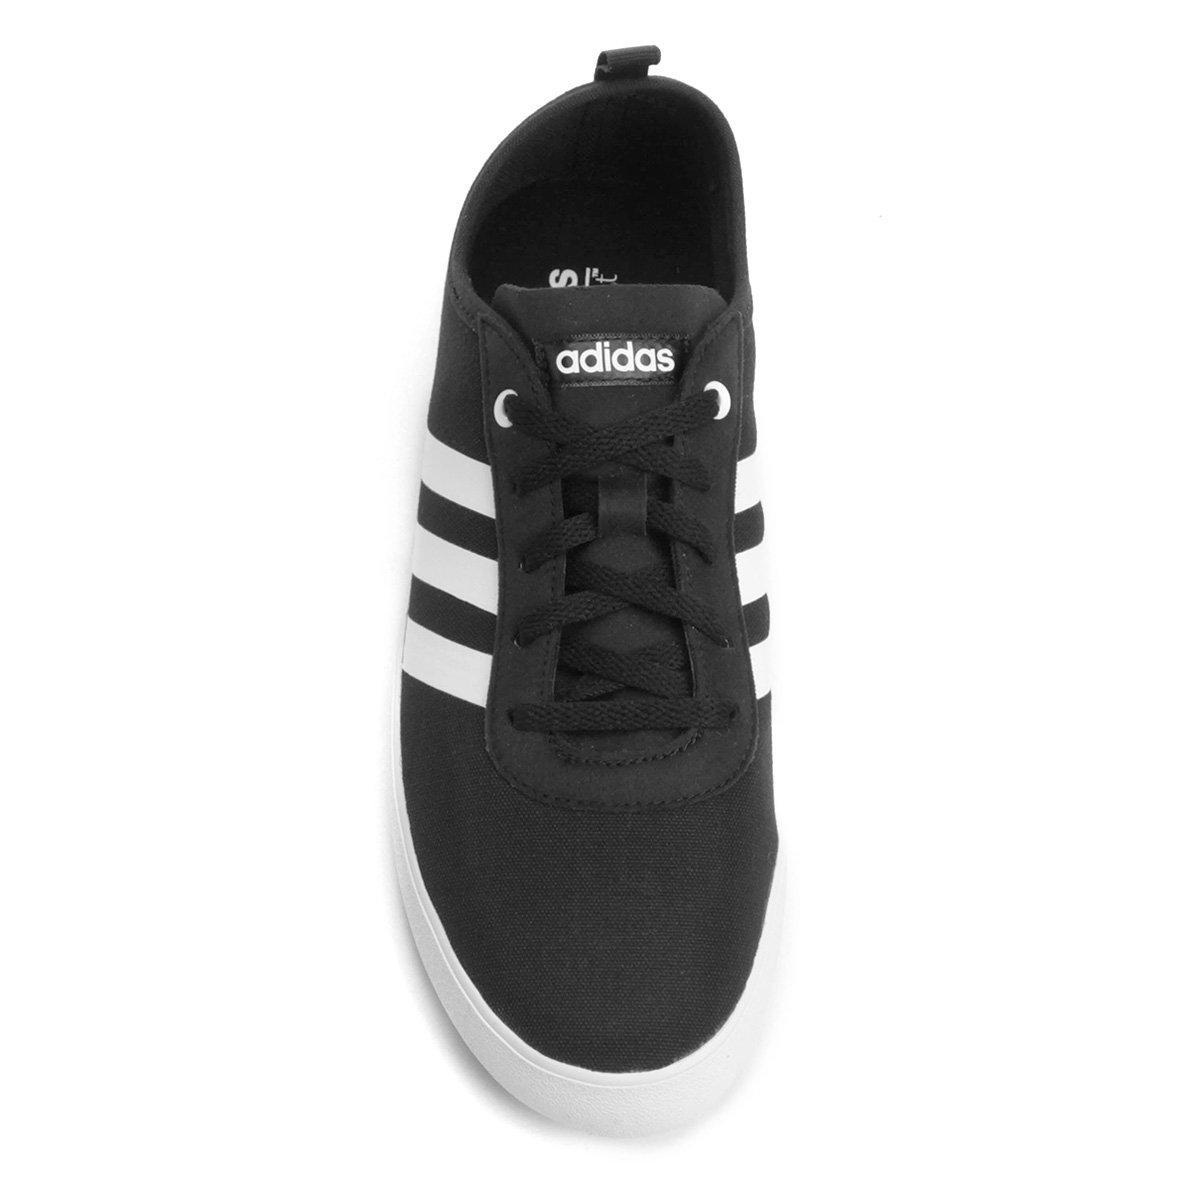 Qt 2 Tênis Adidas Feminino Vulc Qt Adidas Preto Tênis Vulc wWFnq4fc